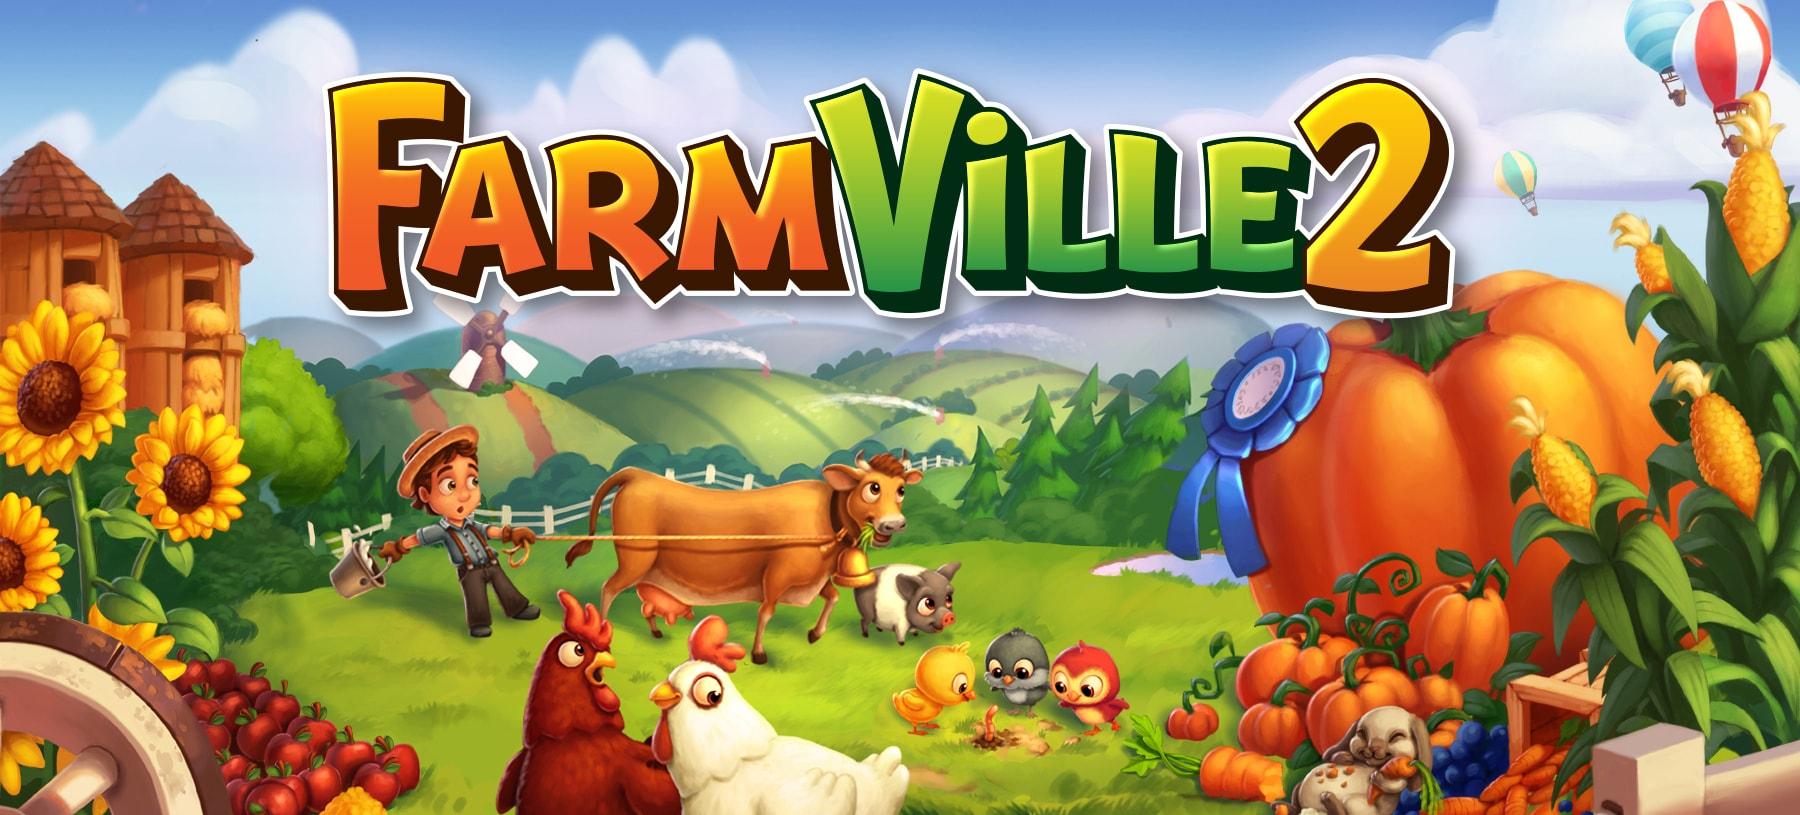 Les Meilleurs Jeux De Ferme En Ligne Sur My E-Farm intérieur Jeux En Ligne De Ferme